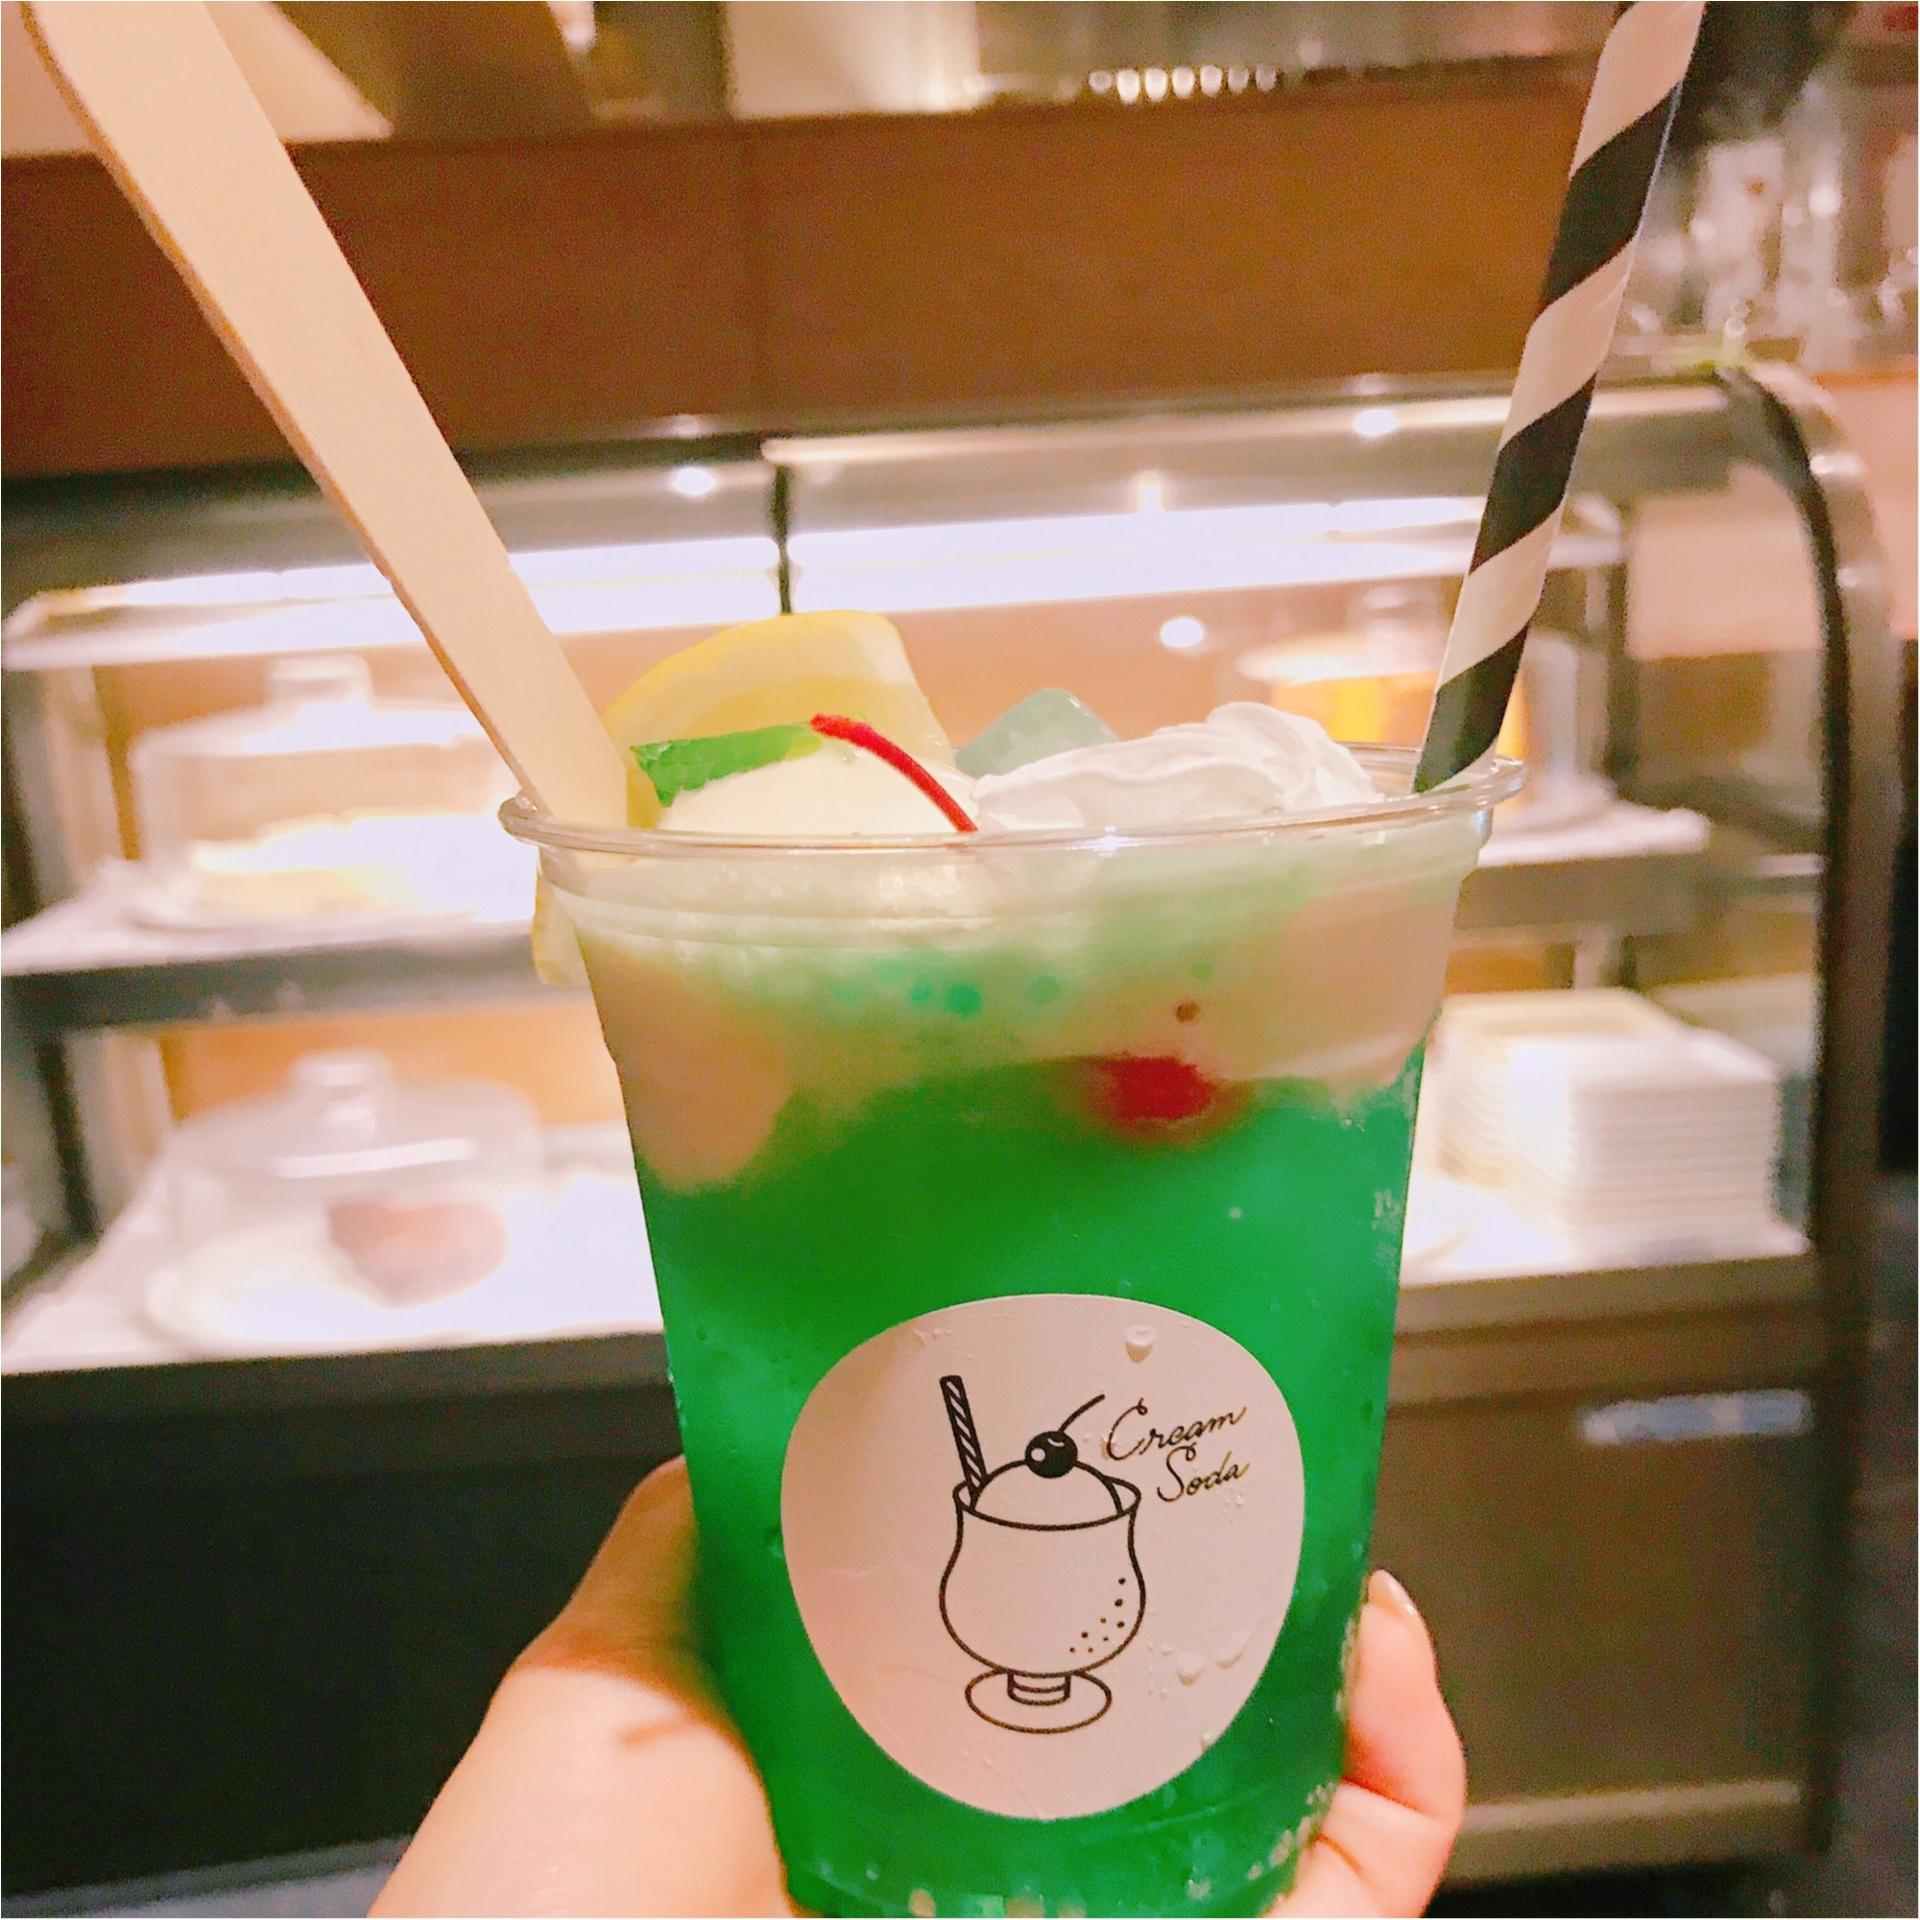 ★流行のクリームソーダ♪名古屋で飲むなら、まずココへ行くべし!★_1